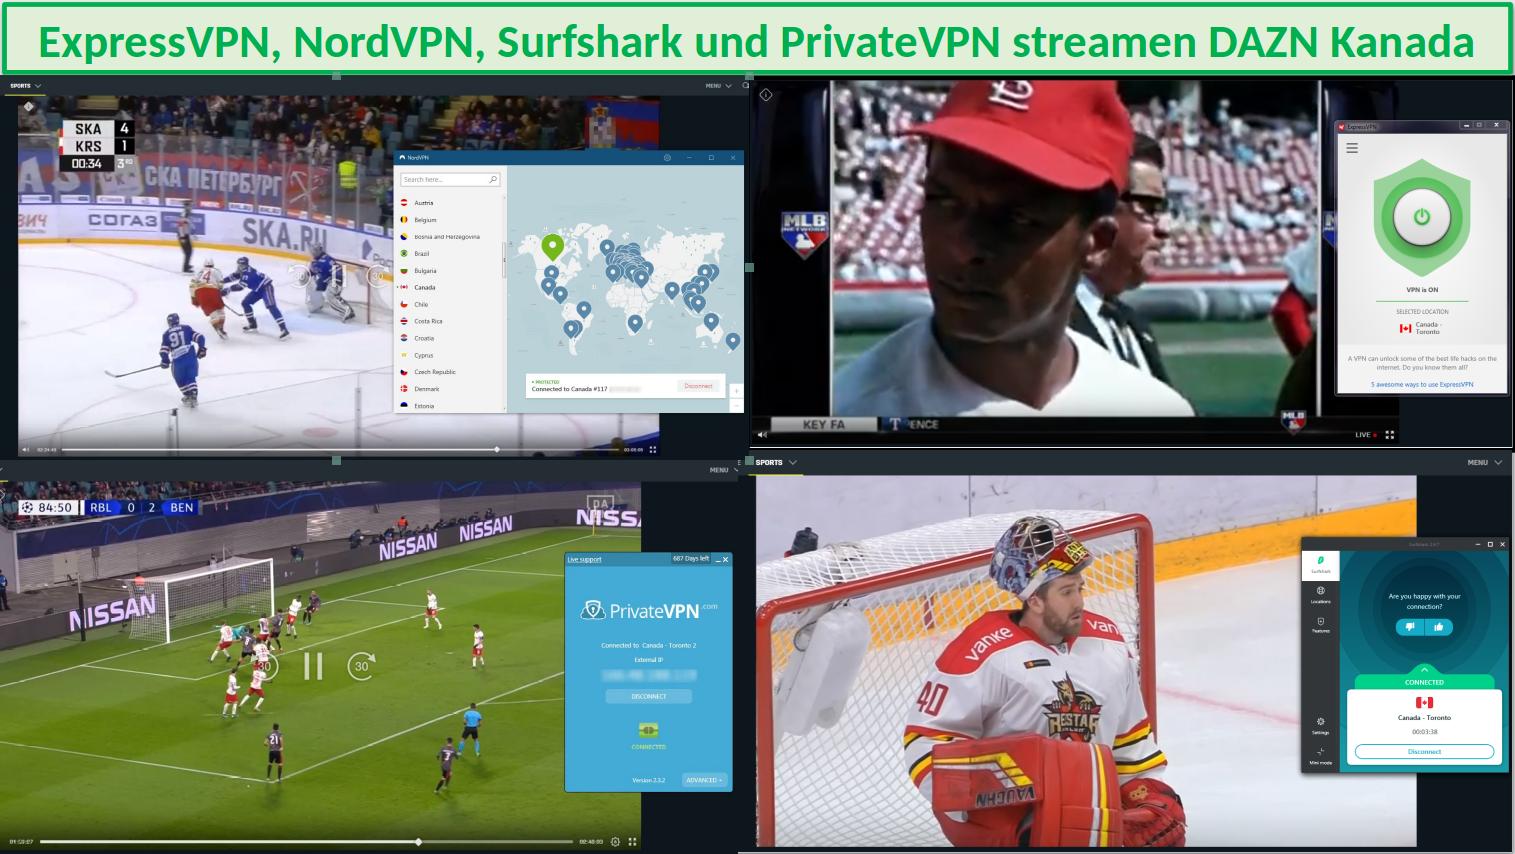 StrStreaming von DAZN mit ExpressVPN, NordVPN, SurfShark und PrivateVPNeaming DAZN with ExpressVPN, NordVPN, SurfShark and PrivateVPN